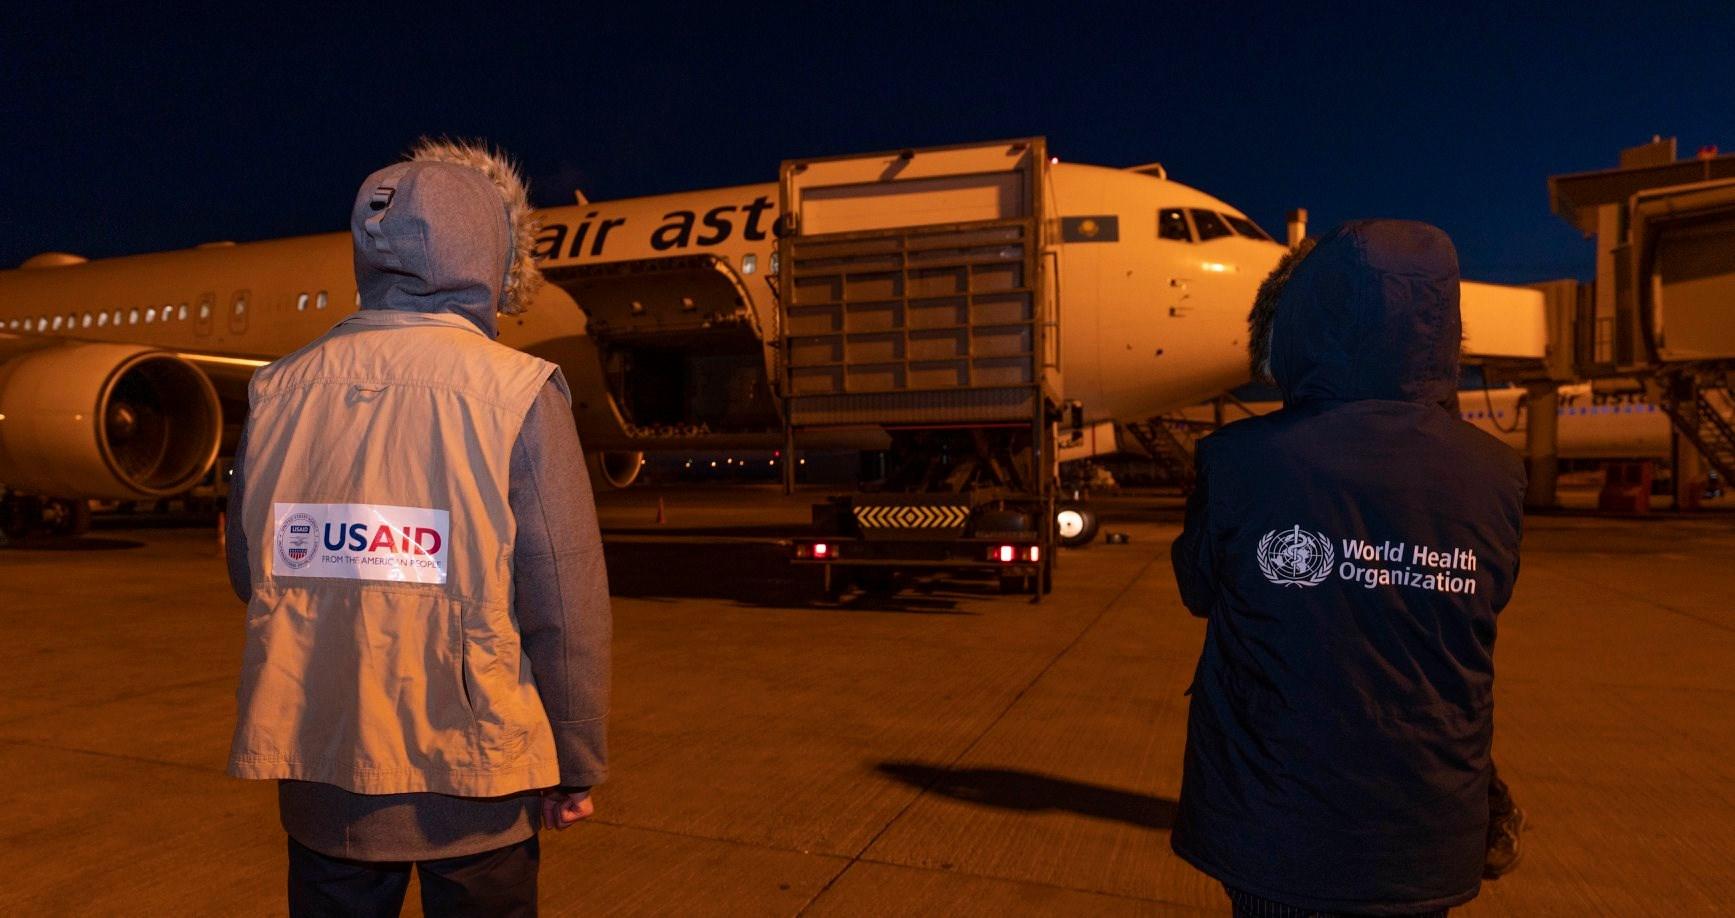 США прислали в РК гуманитарную помощь